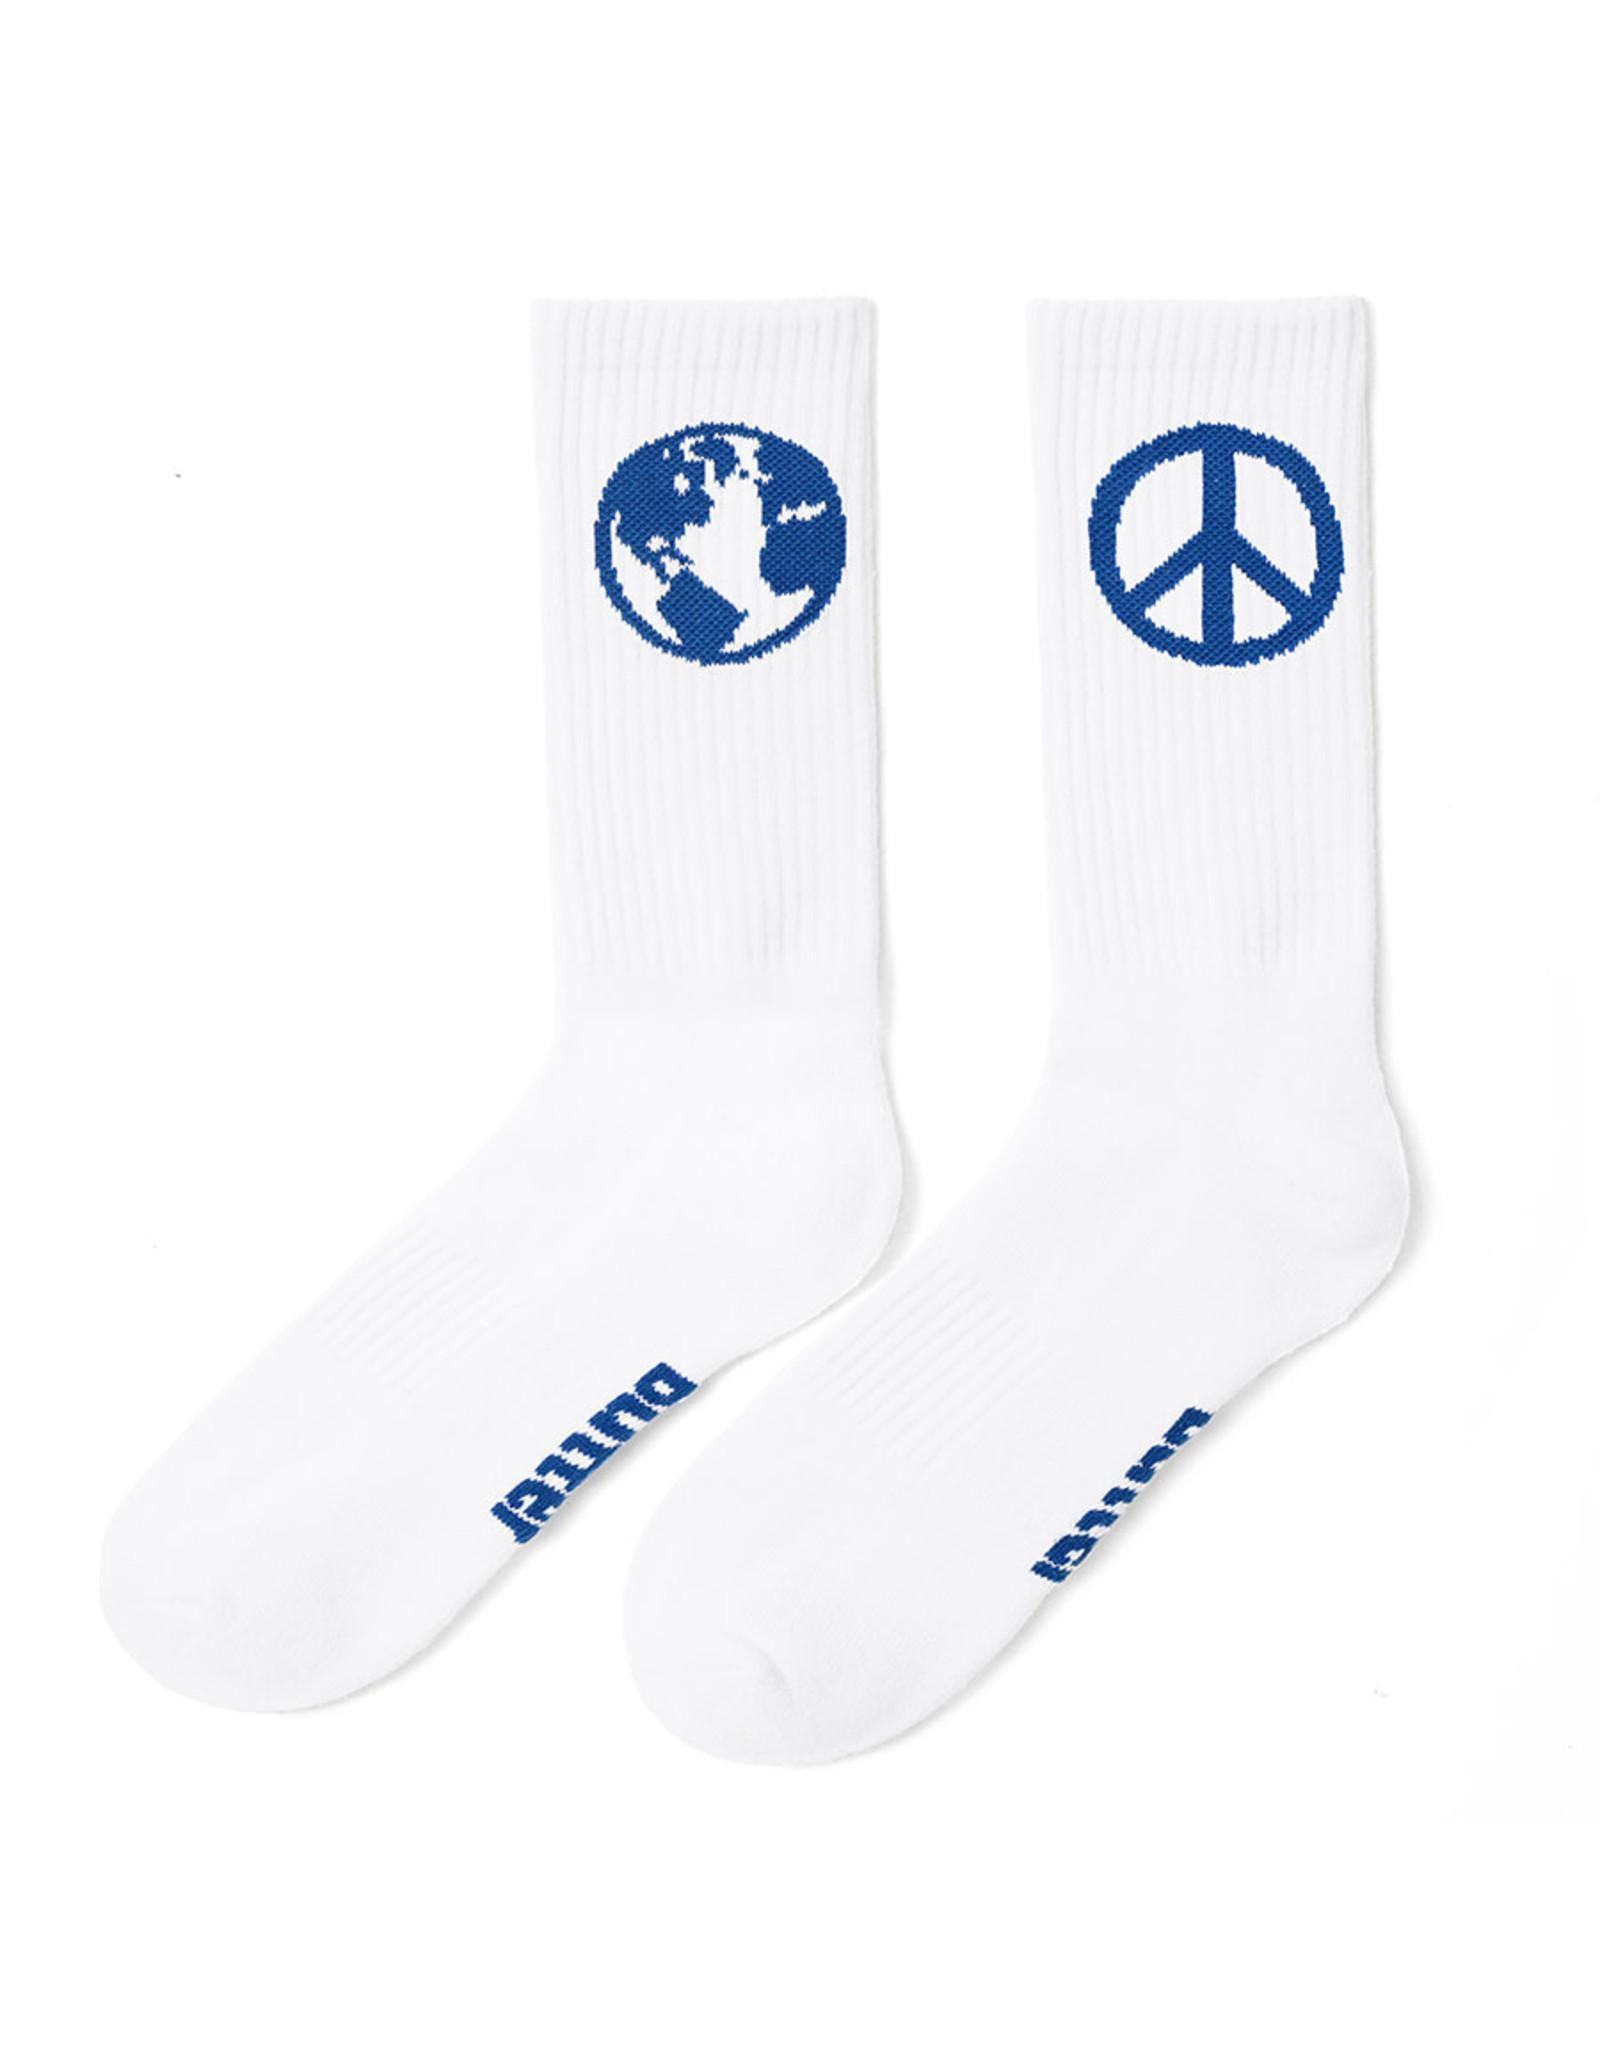 Butter Goods Butter Goods Socks World Peace Crew (White/Navy)